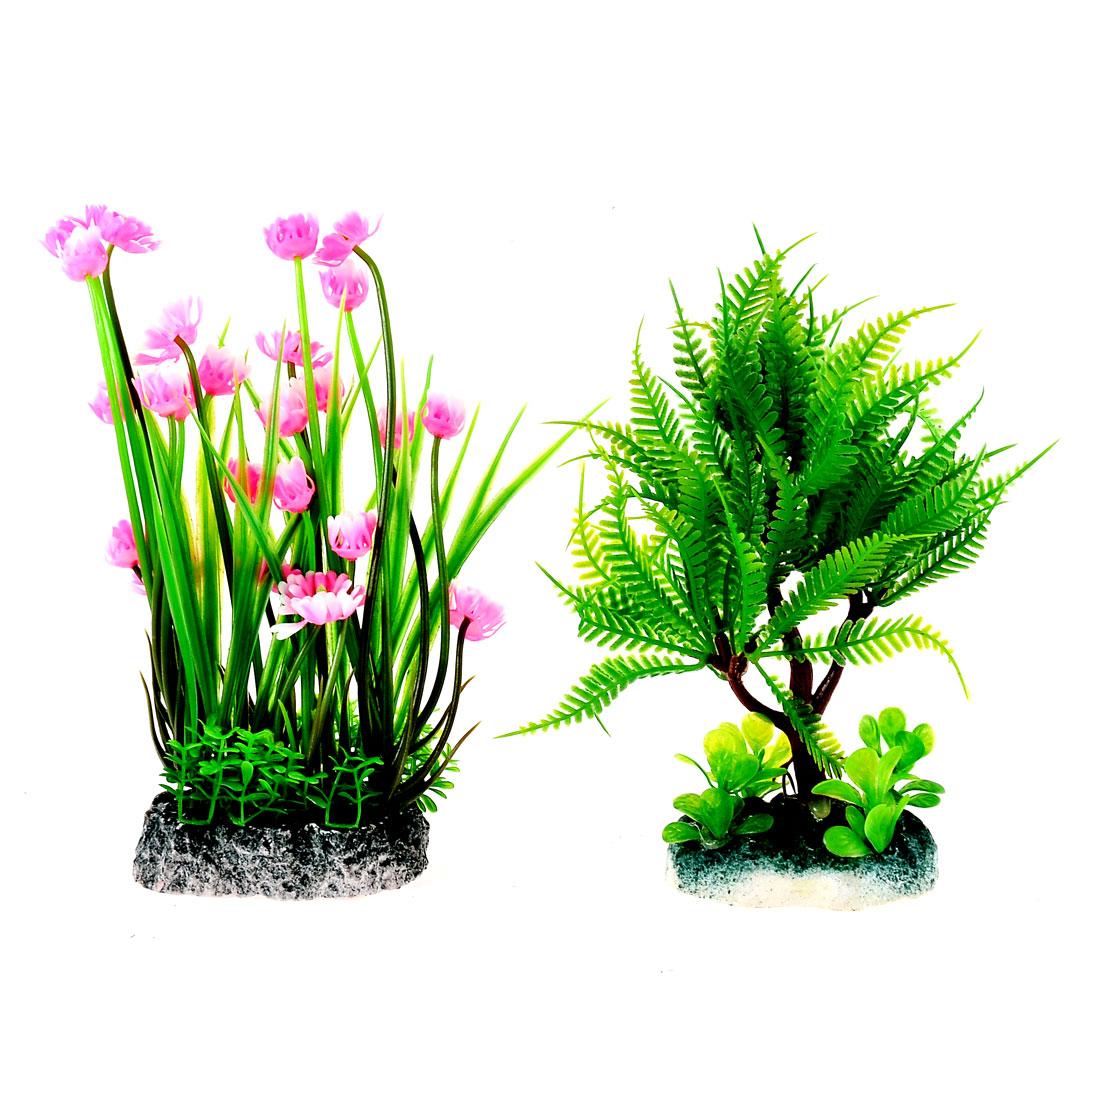 Aquarium Fish Tank Landscaping Artificial Plastic Aquatic Tree Plants Green Coral 2pcs